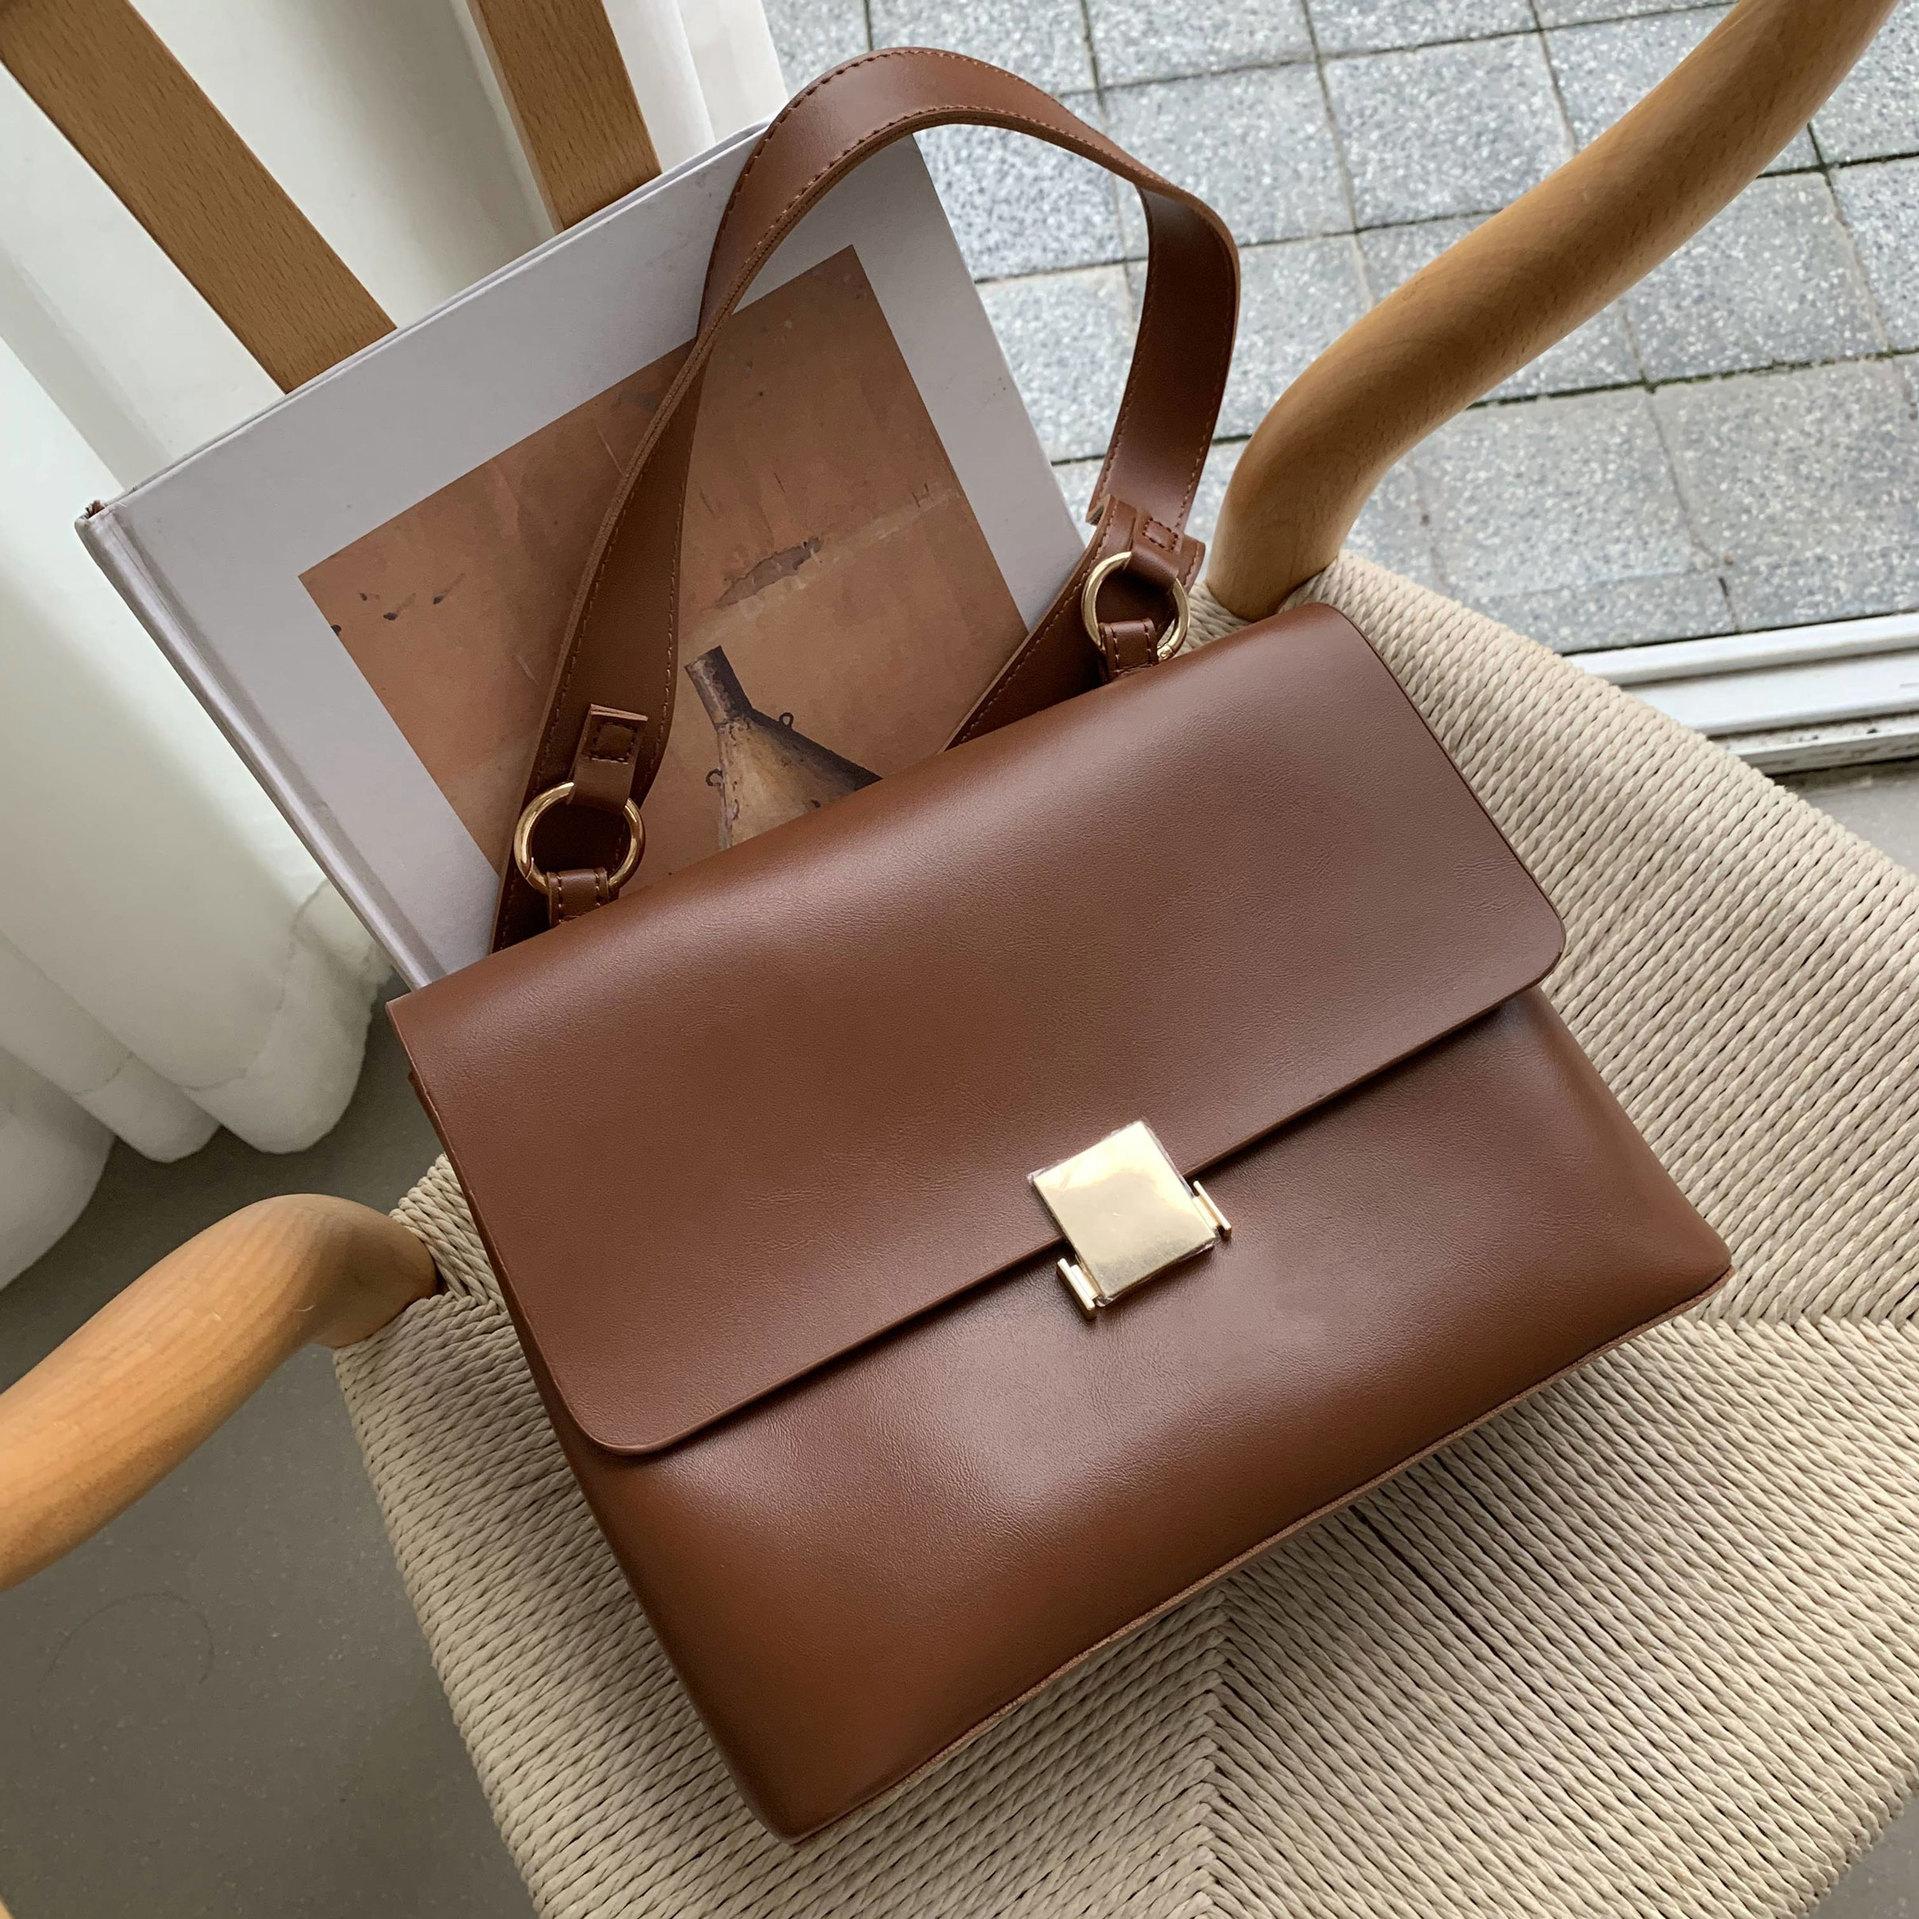 2019 большая женская сумка из искусственной кожи, женские сумки на плечо, дизайнерские женские сумки мессенджеры, женские повседневные сумки тоут|Сумки с ручками|   | АлиЭкспресс